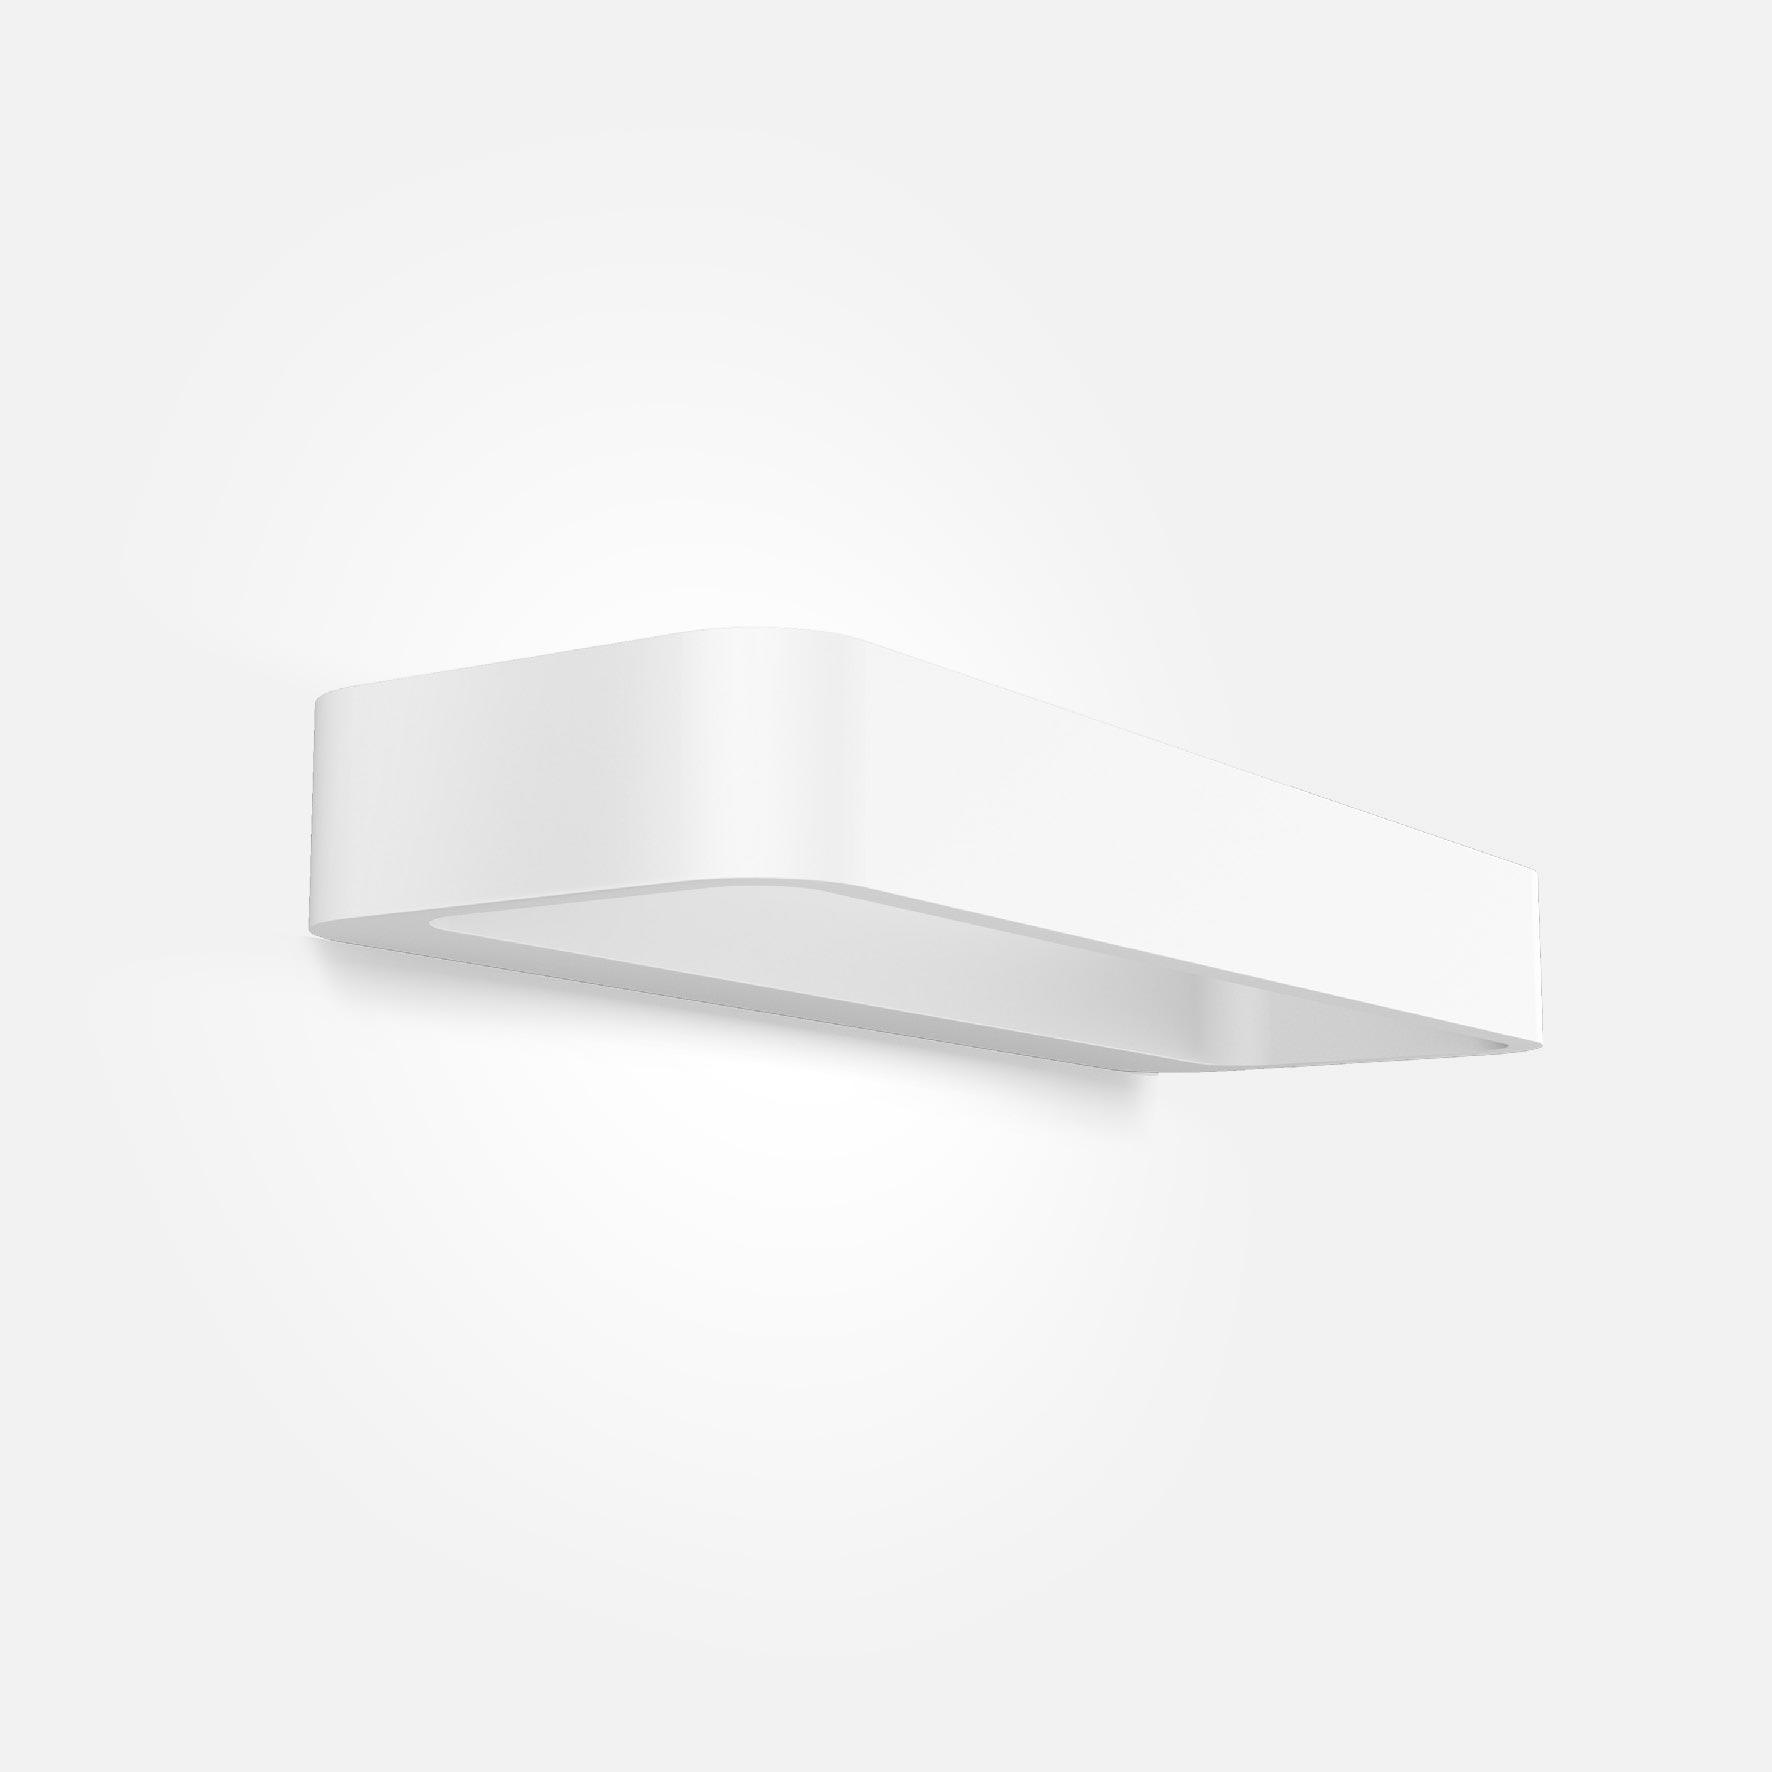 Benta 3.6 white texture